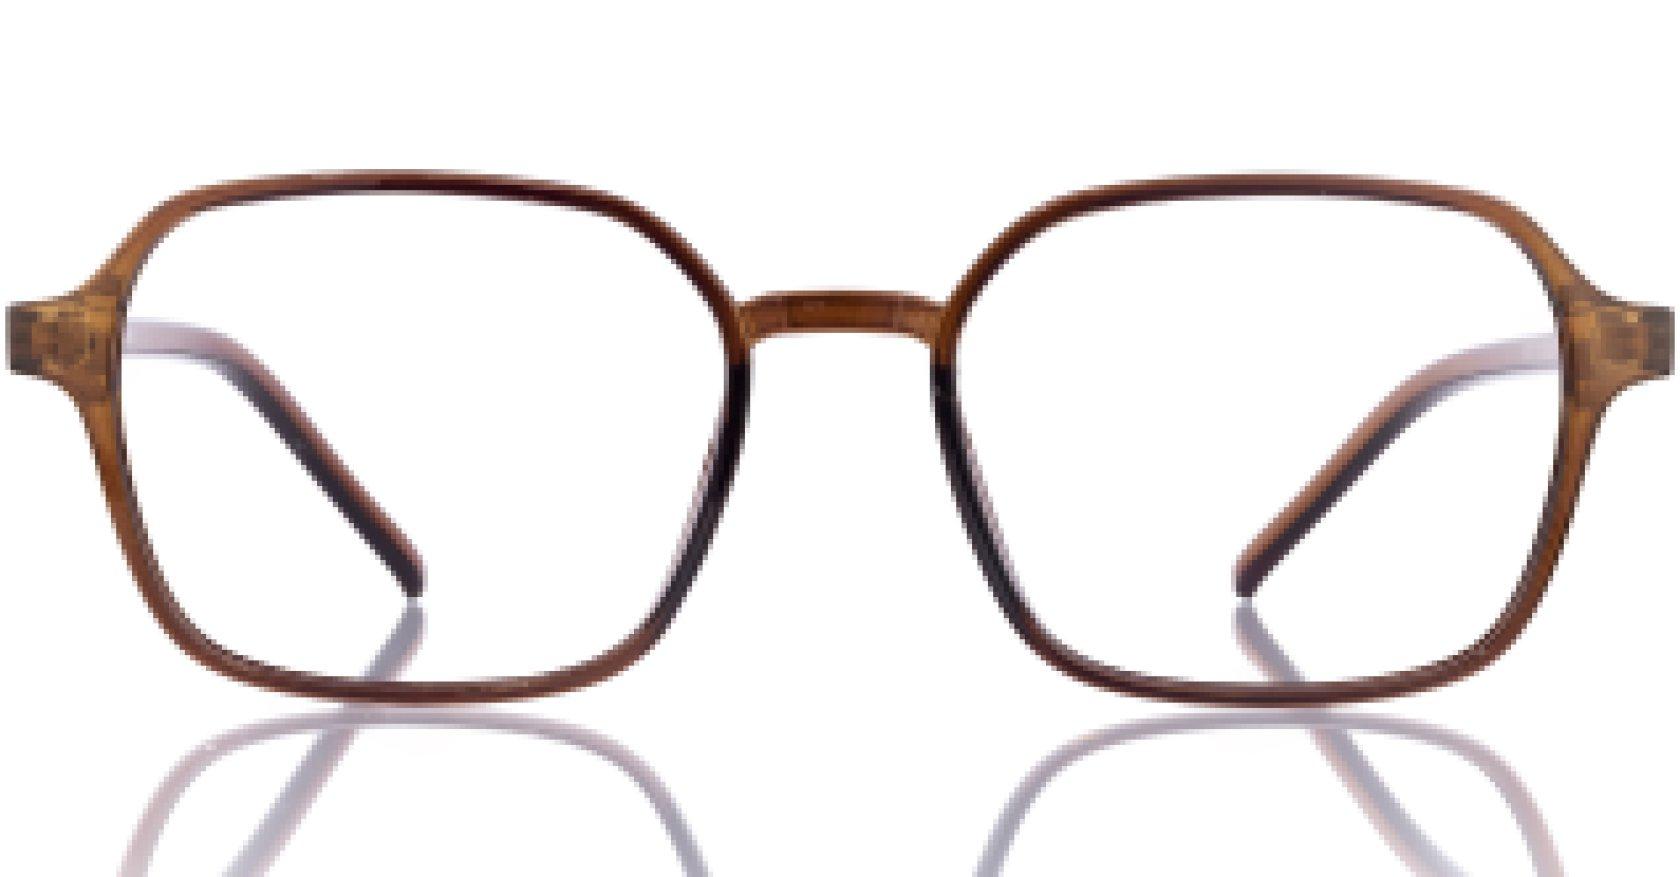 imagen miniatura frontal de la referencia 1002367